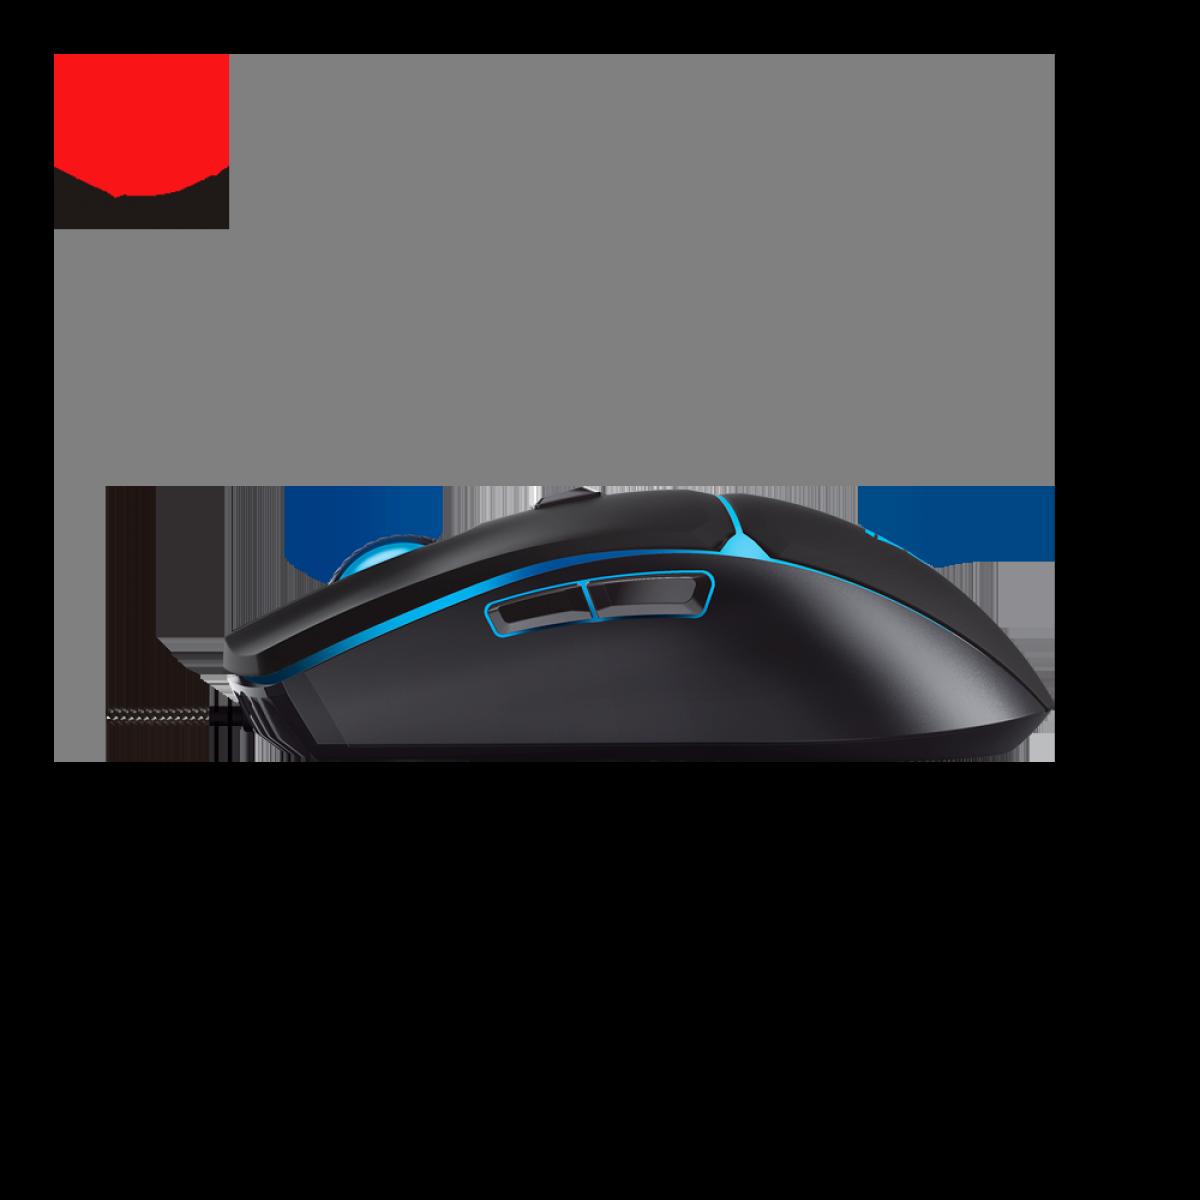 Combo Gamer Fantech Major Teclado e Mouse, KX-302s